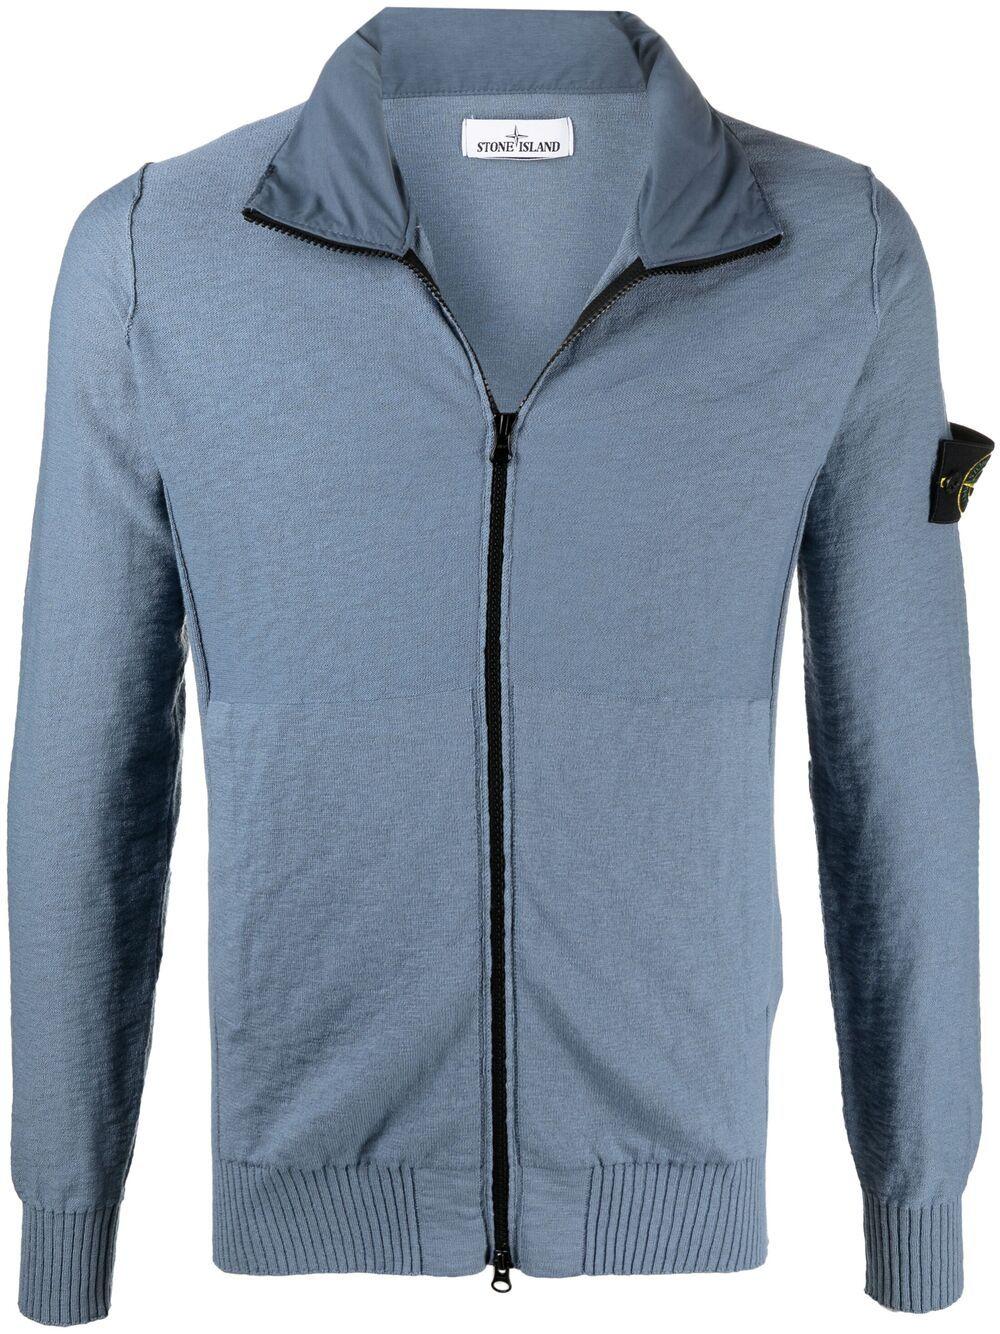 Felpa con cappuccio in maglia di cotone blu e grigio con zip e logo Stone Island  STONE ISLAND |  | 7415525B0V0046